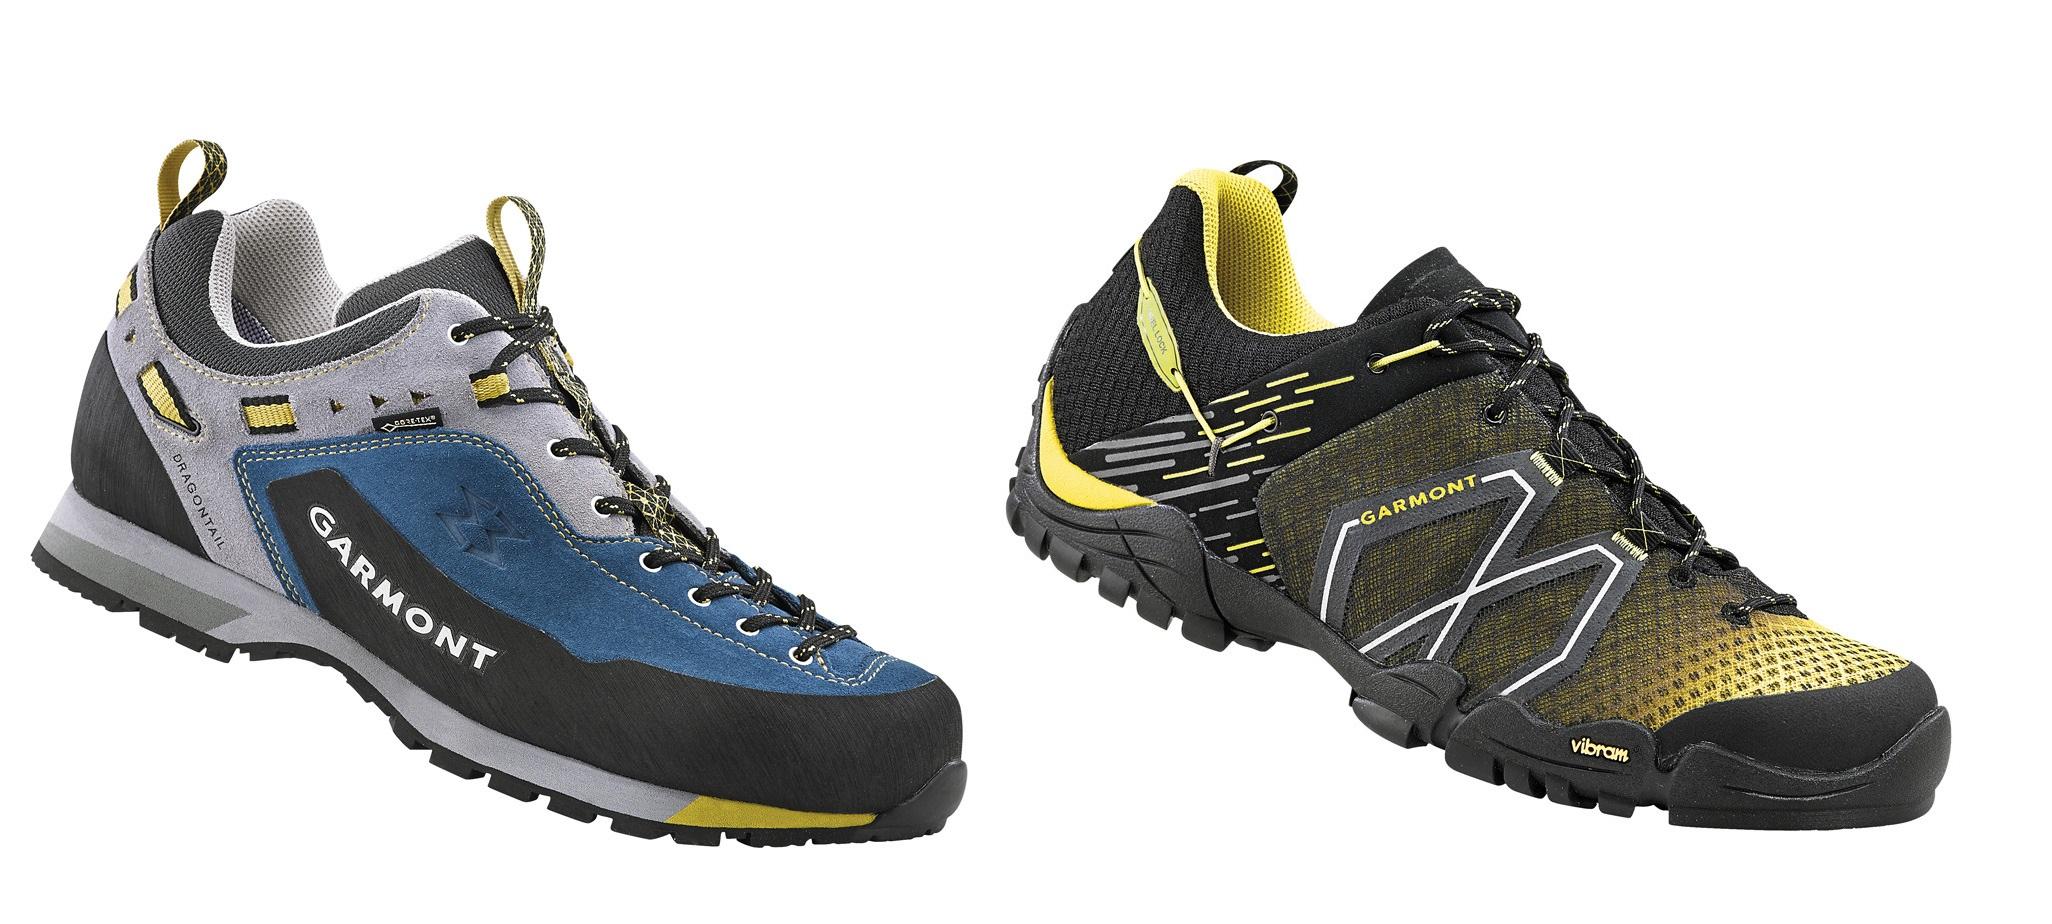 50a68043 Buty trekkingowe – co należy sprawdzić wybierając dobre buty trekkingowe